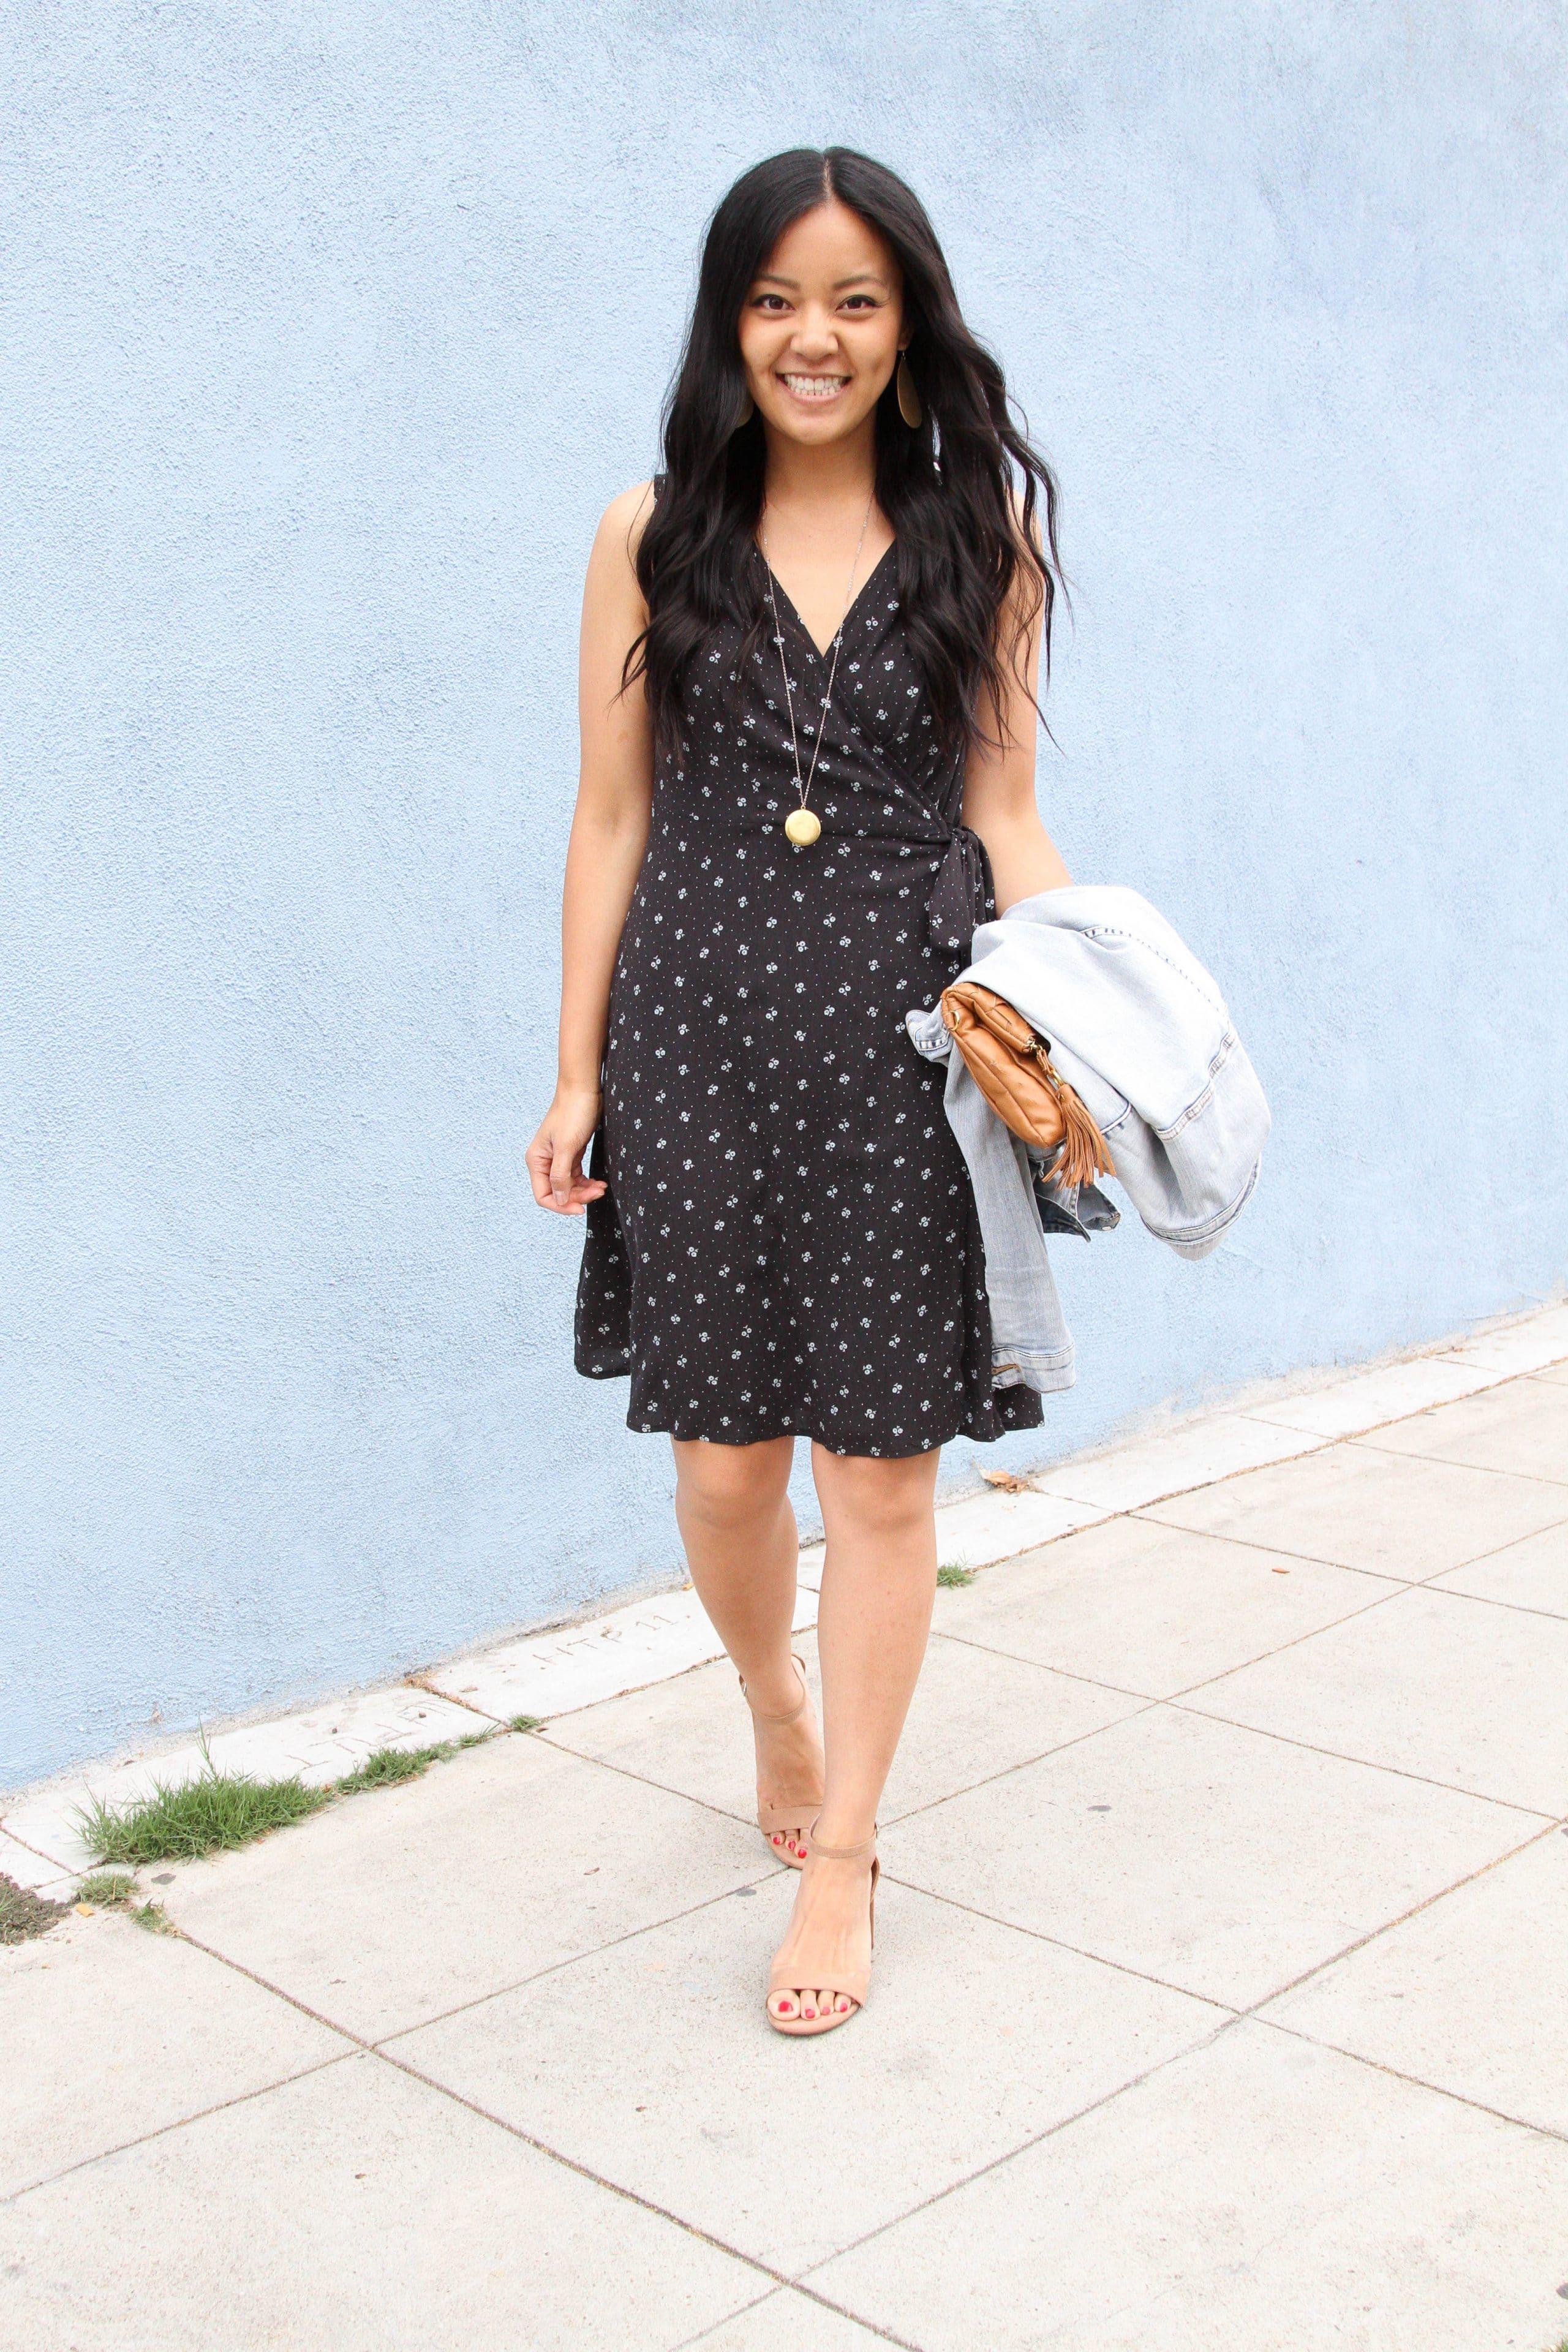 taupe block heel sandals + black floral wrap dress + pendant necklace + cognac clutch